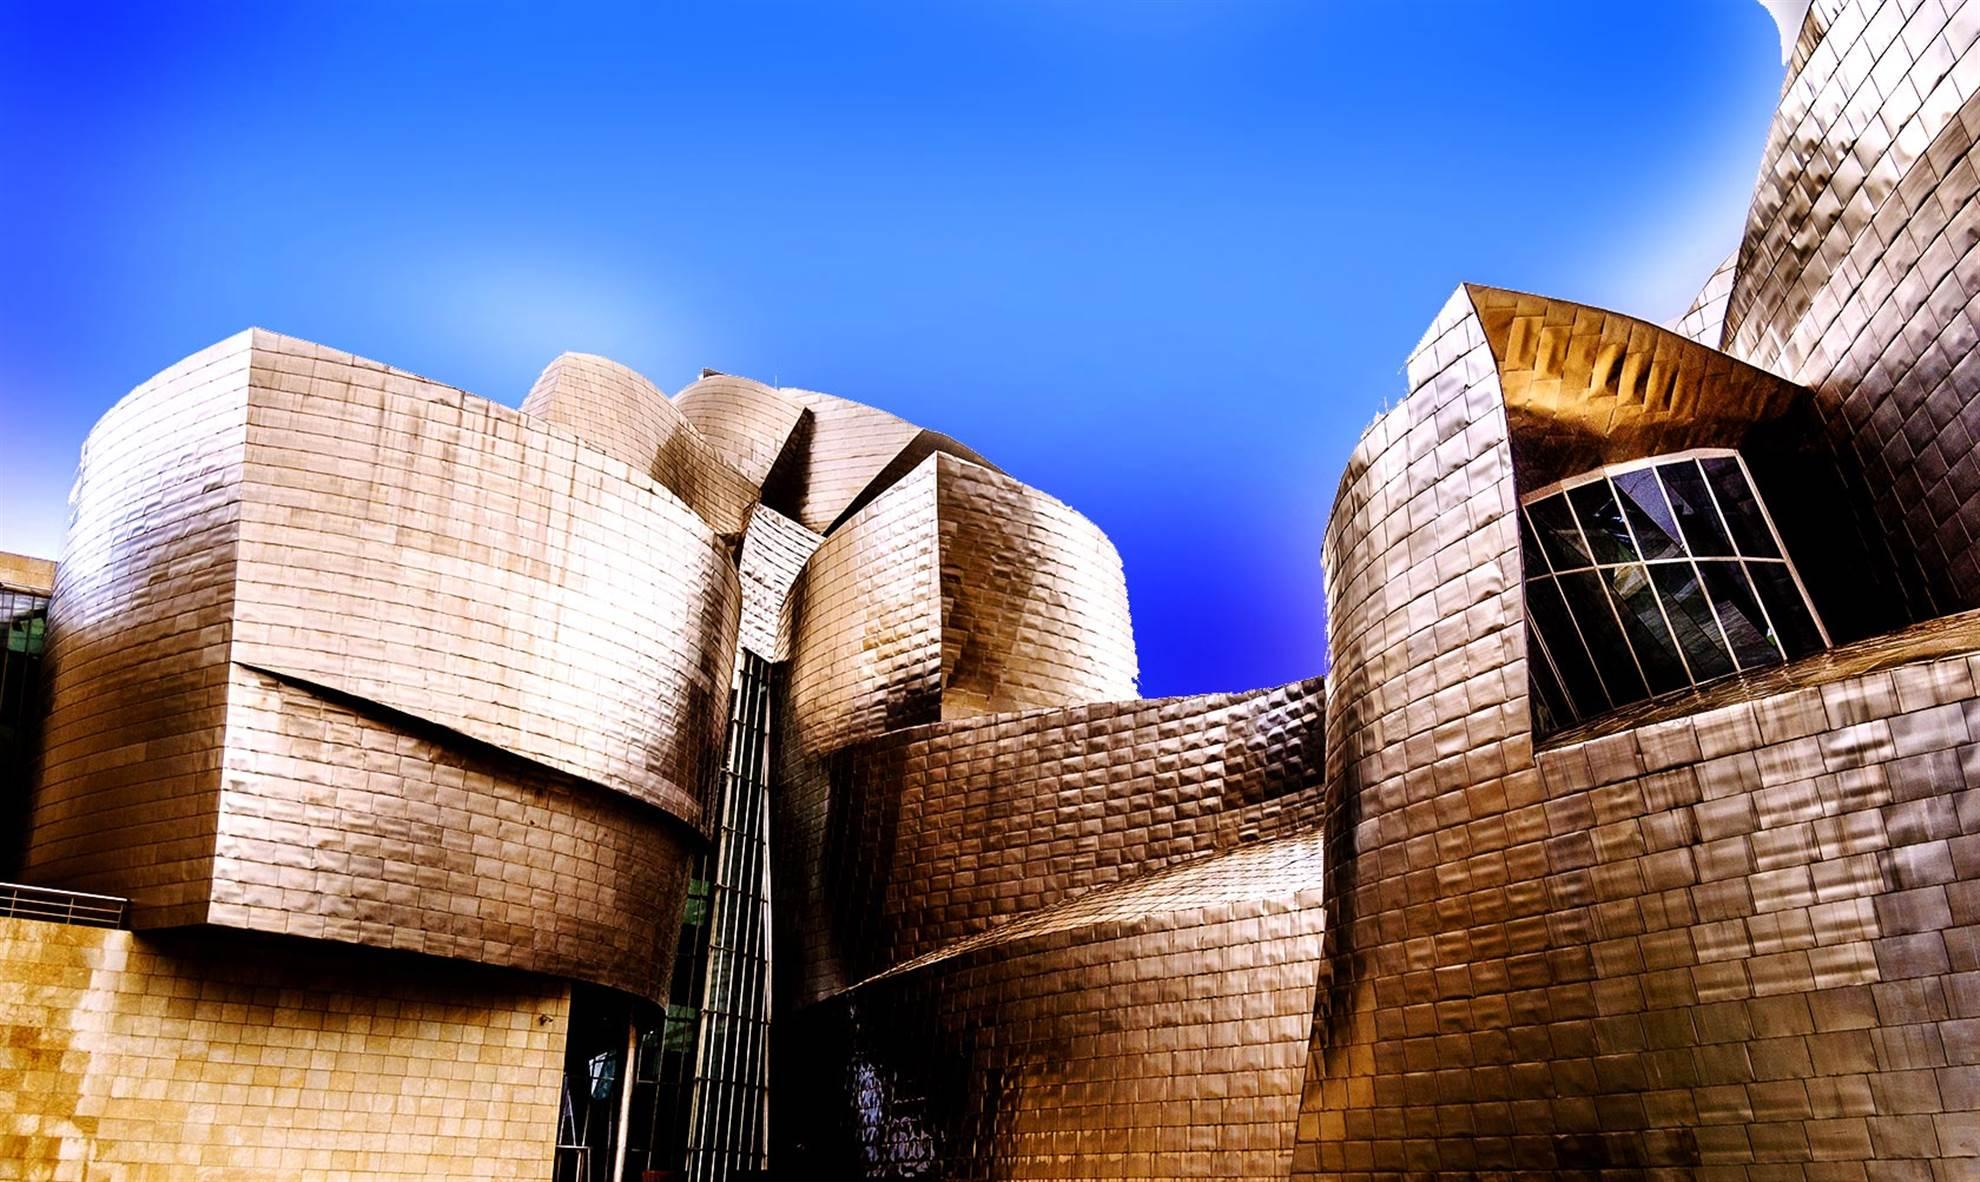 Museo Guggenheim Bilbao - Salta la fila!